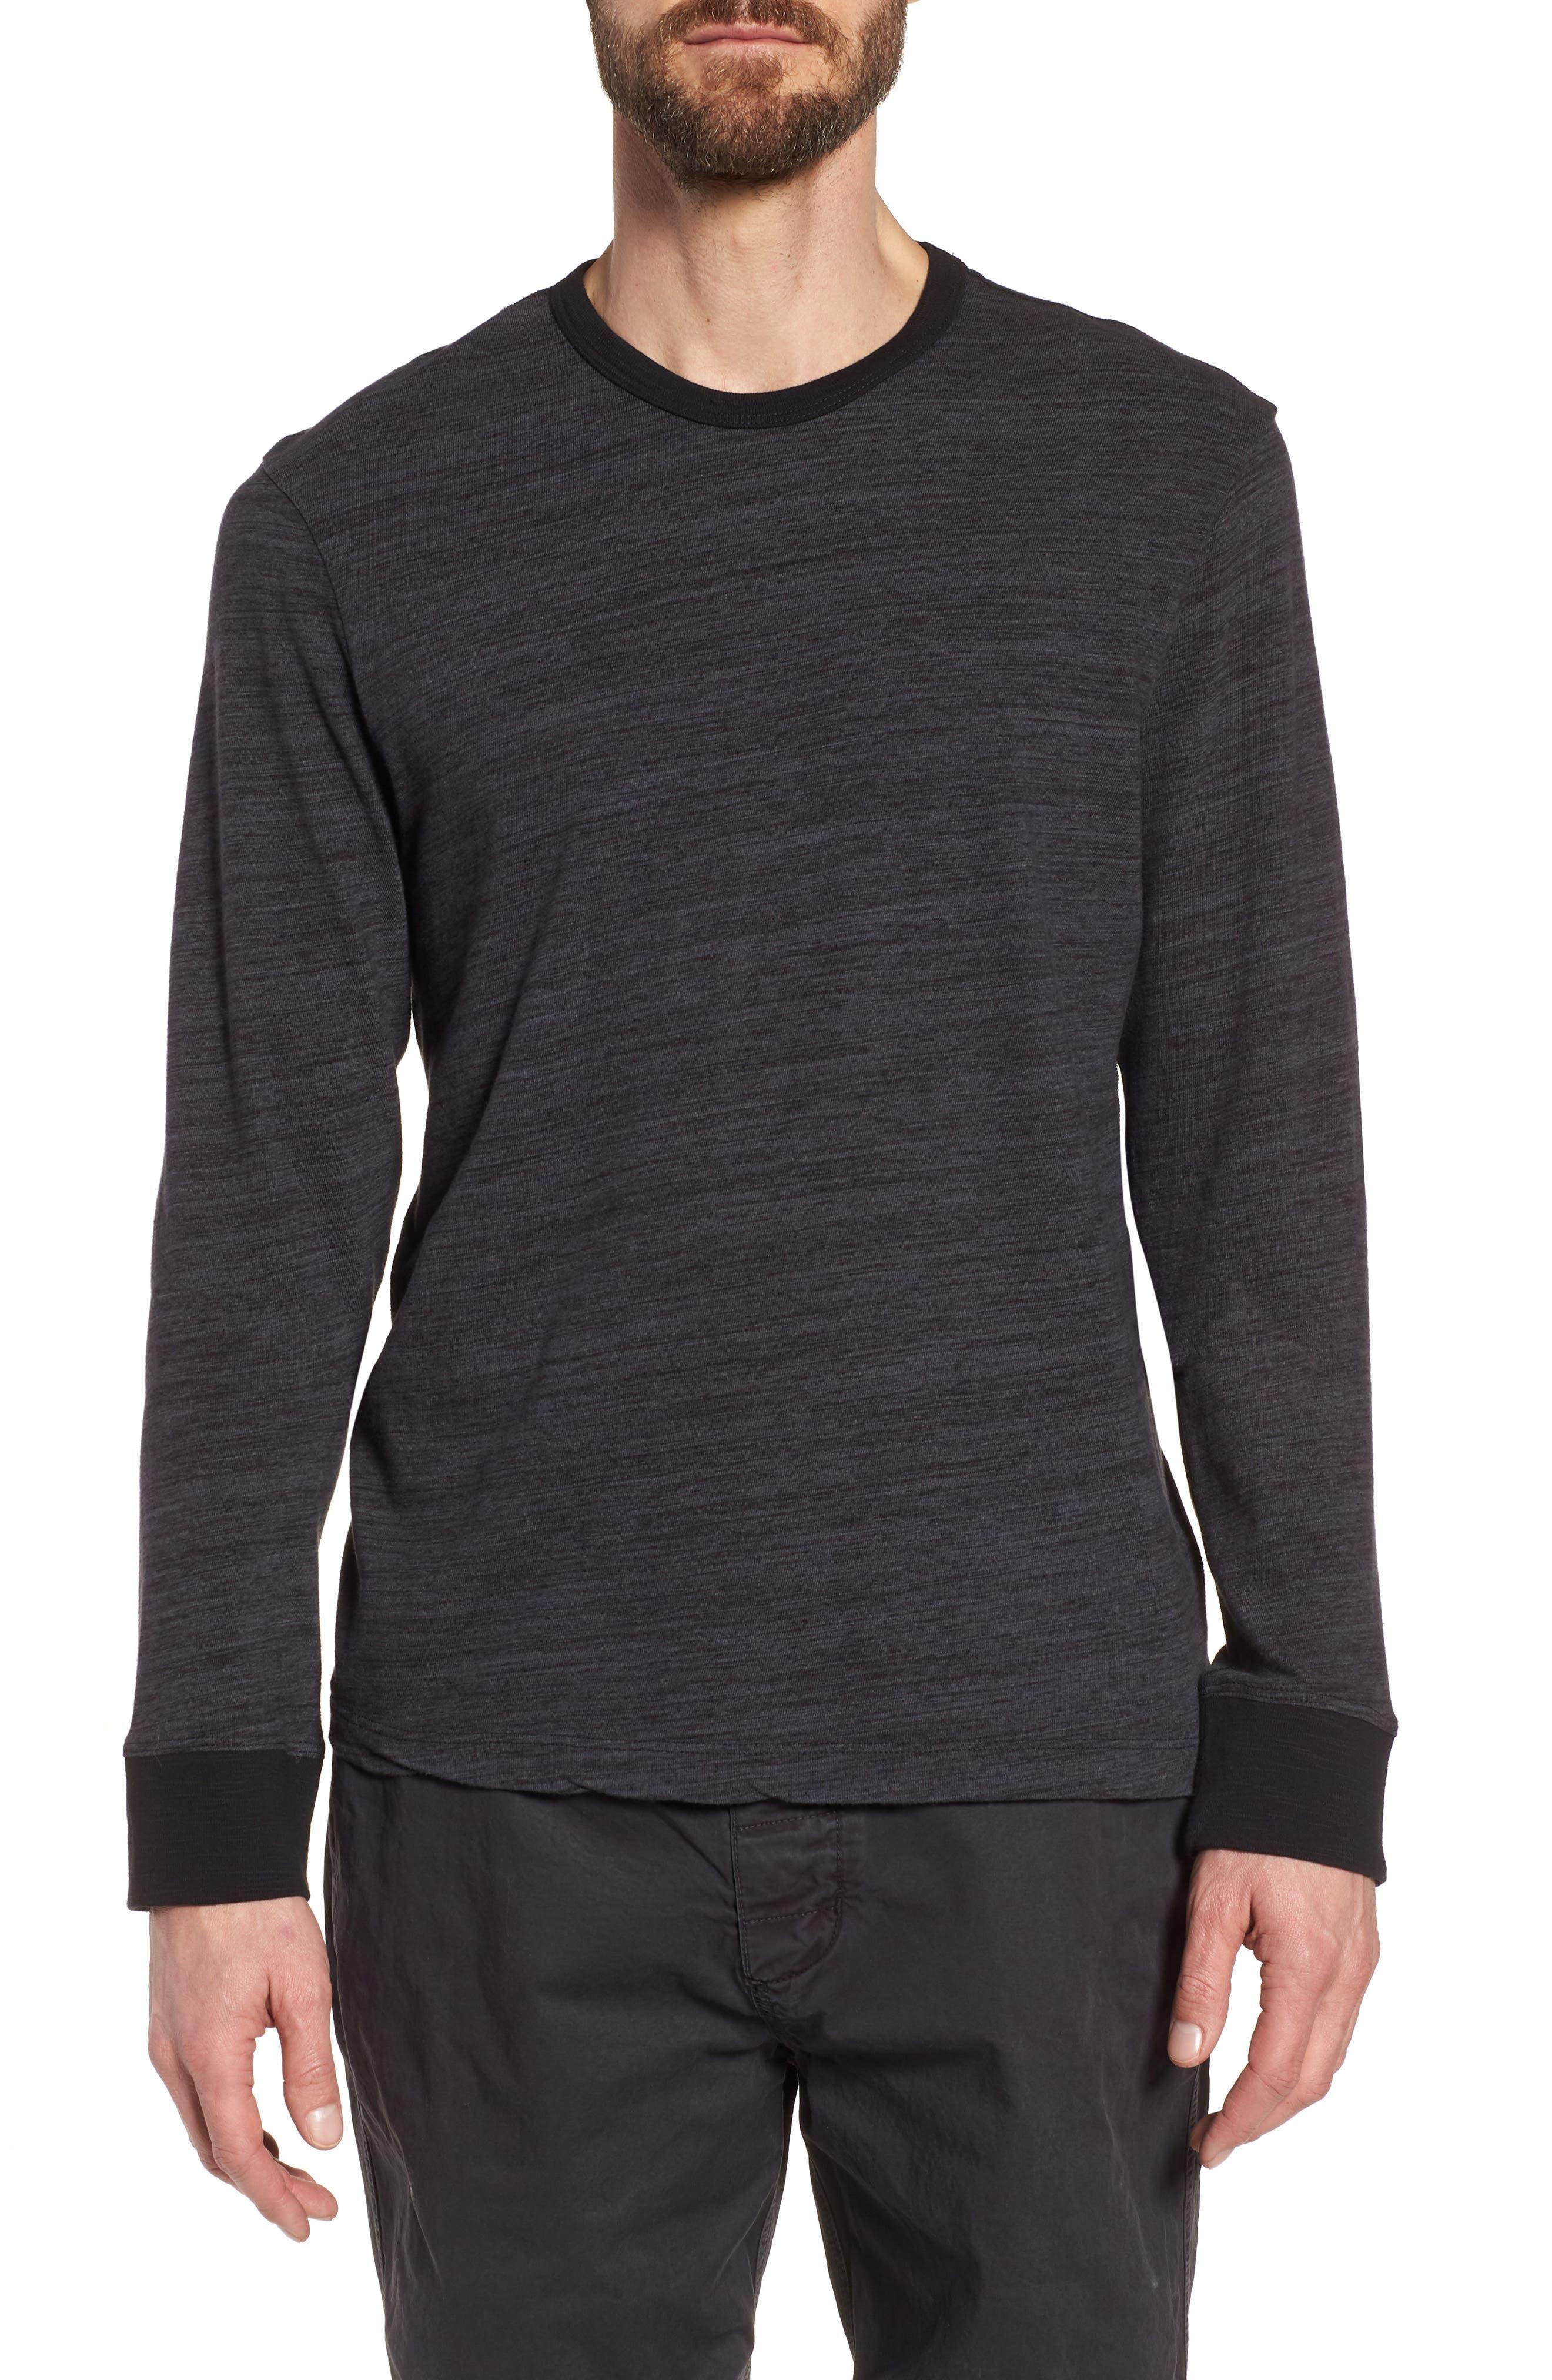 JAMES PERSE Regular Fit Top Dyed Crewneck T-Shirt, Main, color, 002